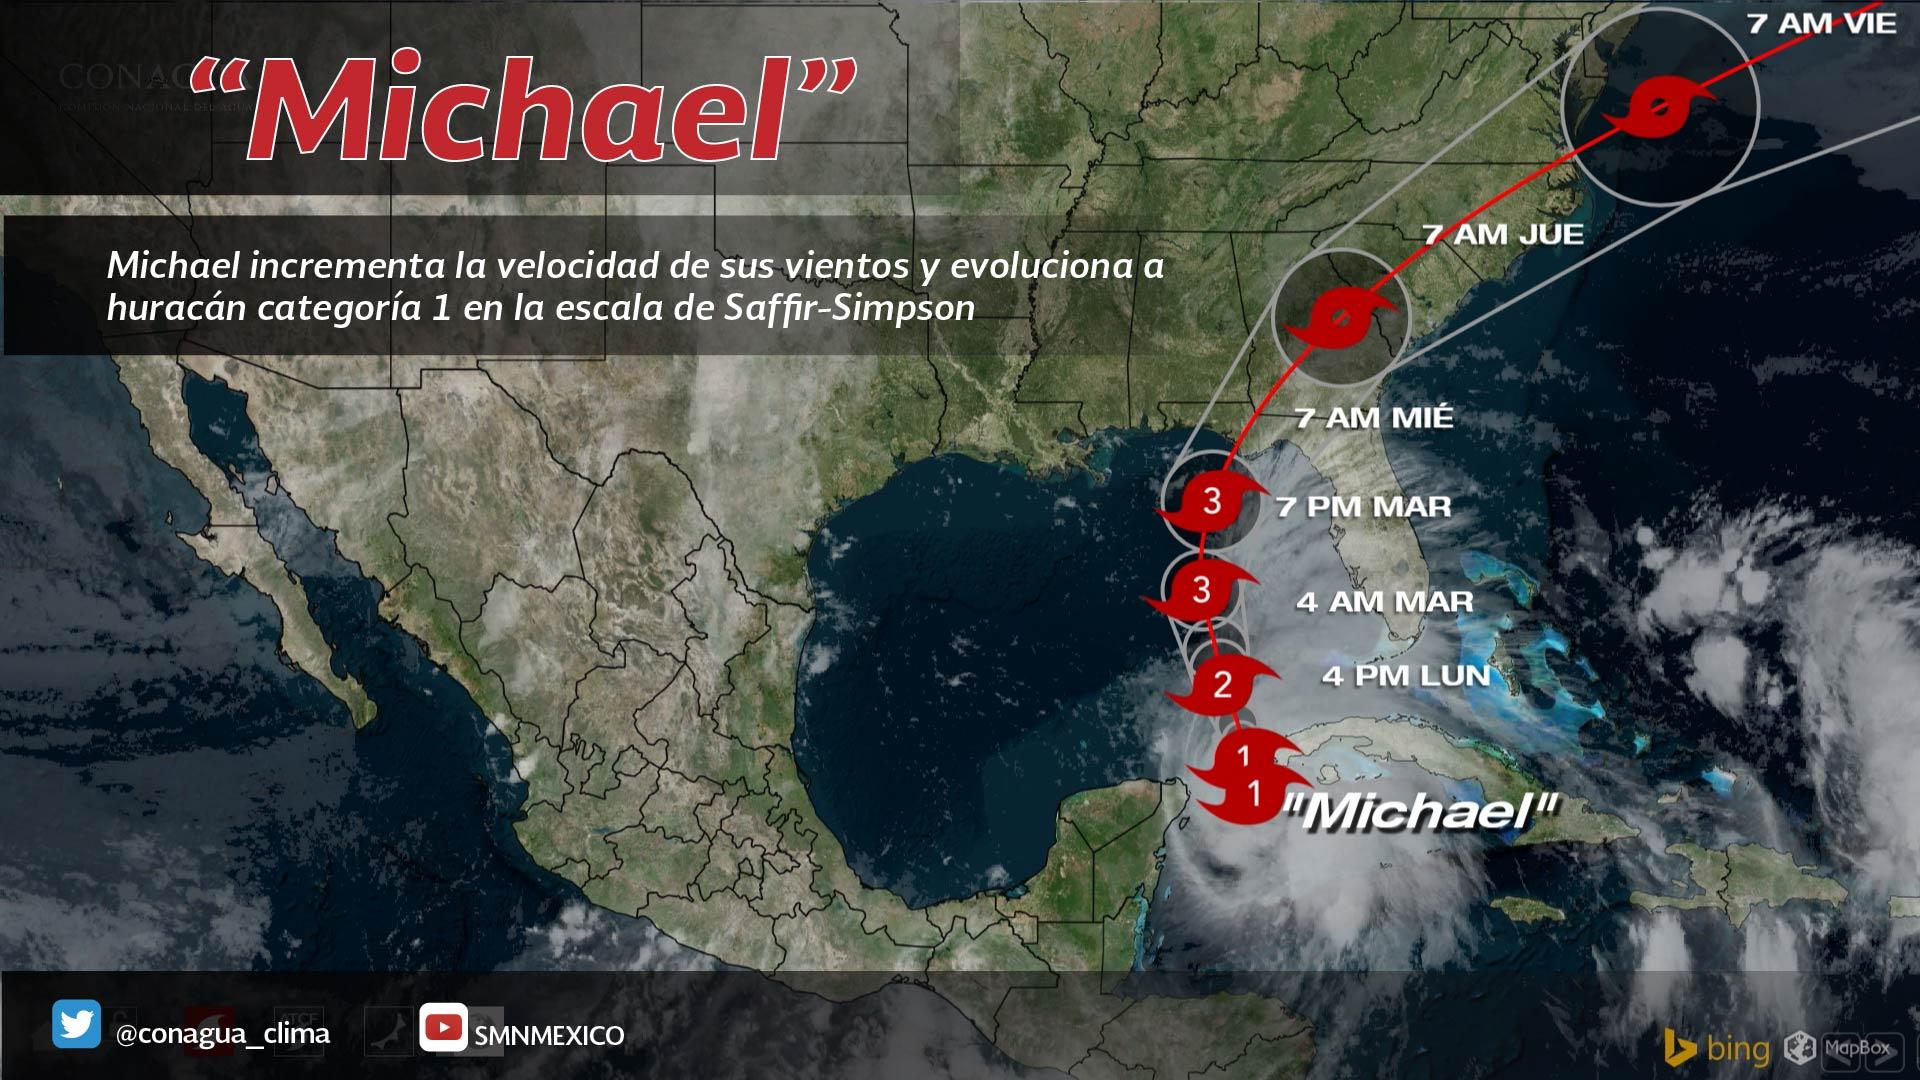 Michael evoluciona a huracán categoría 1